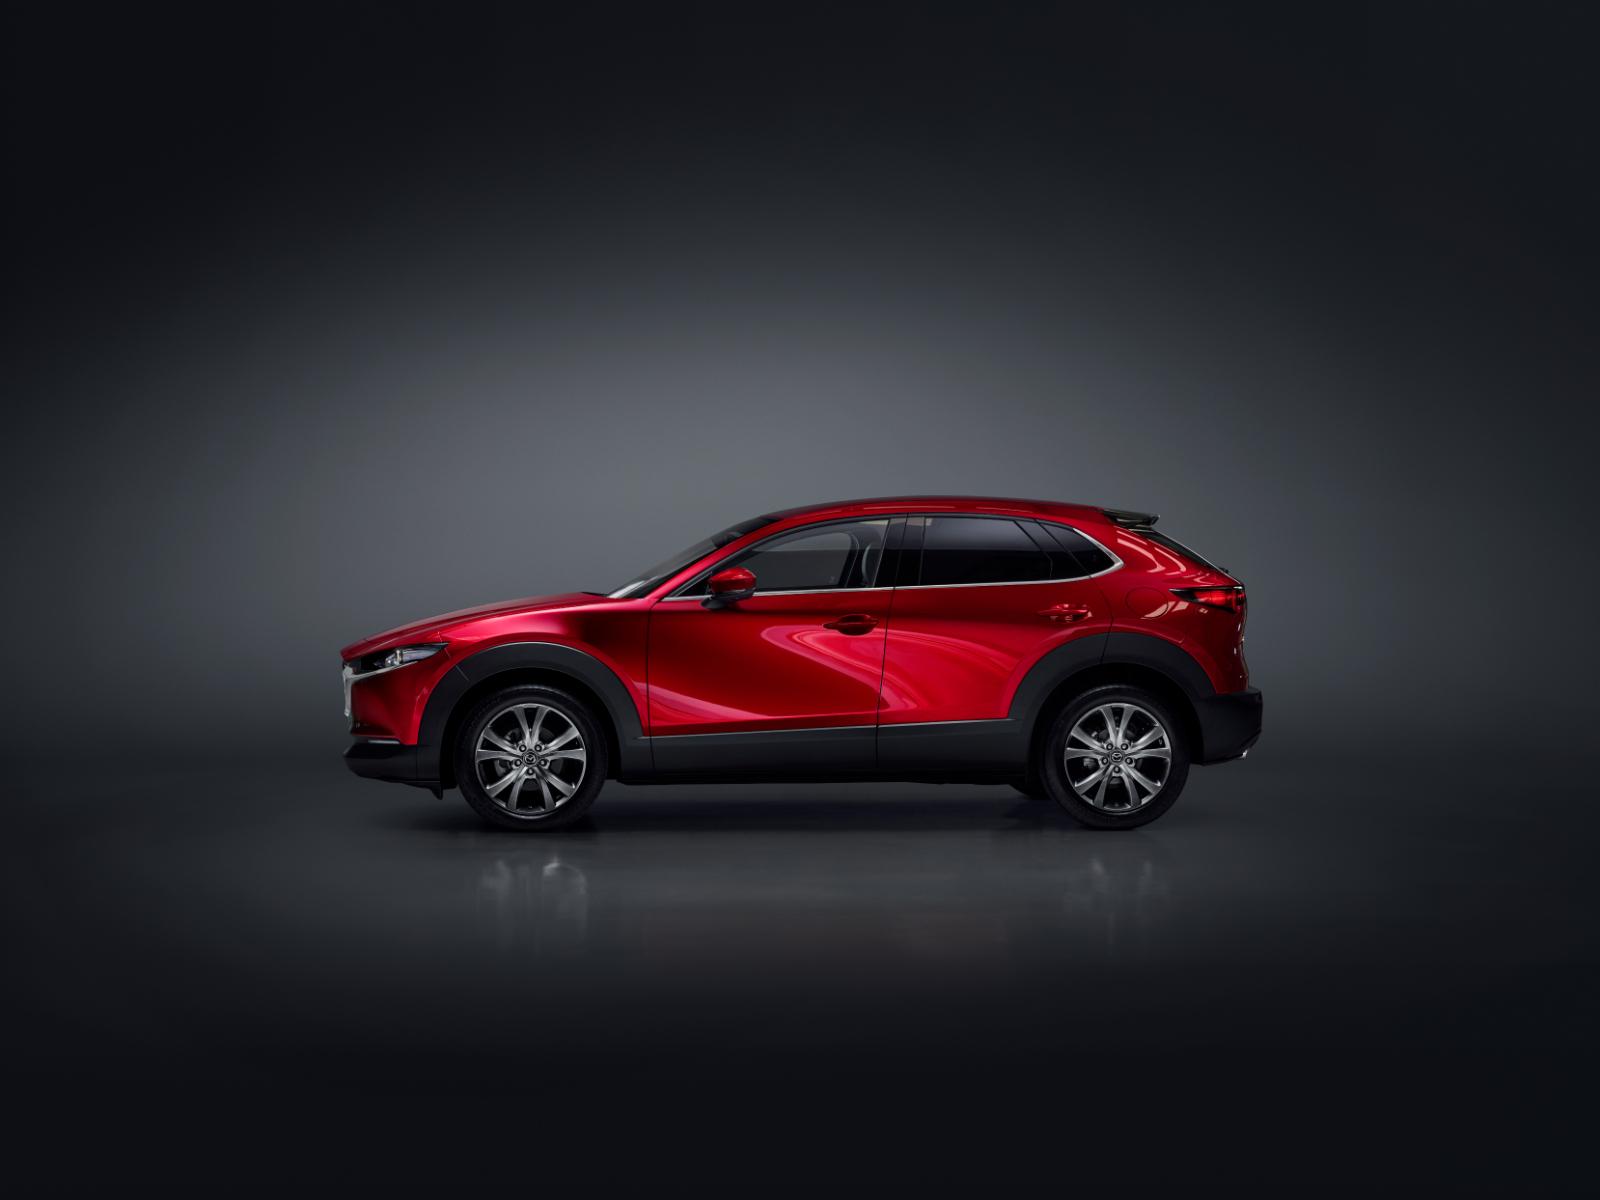 マツダ CX-30 欧州仕様車 2019年